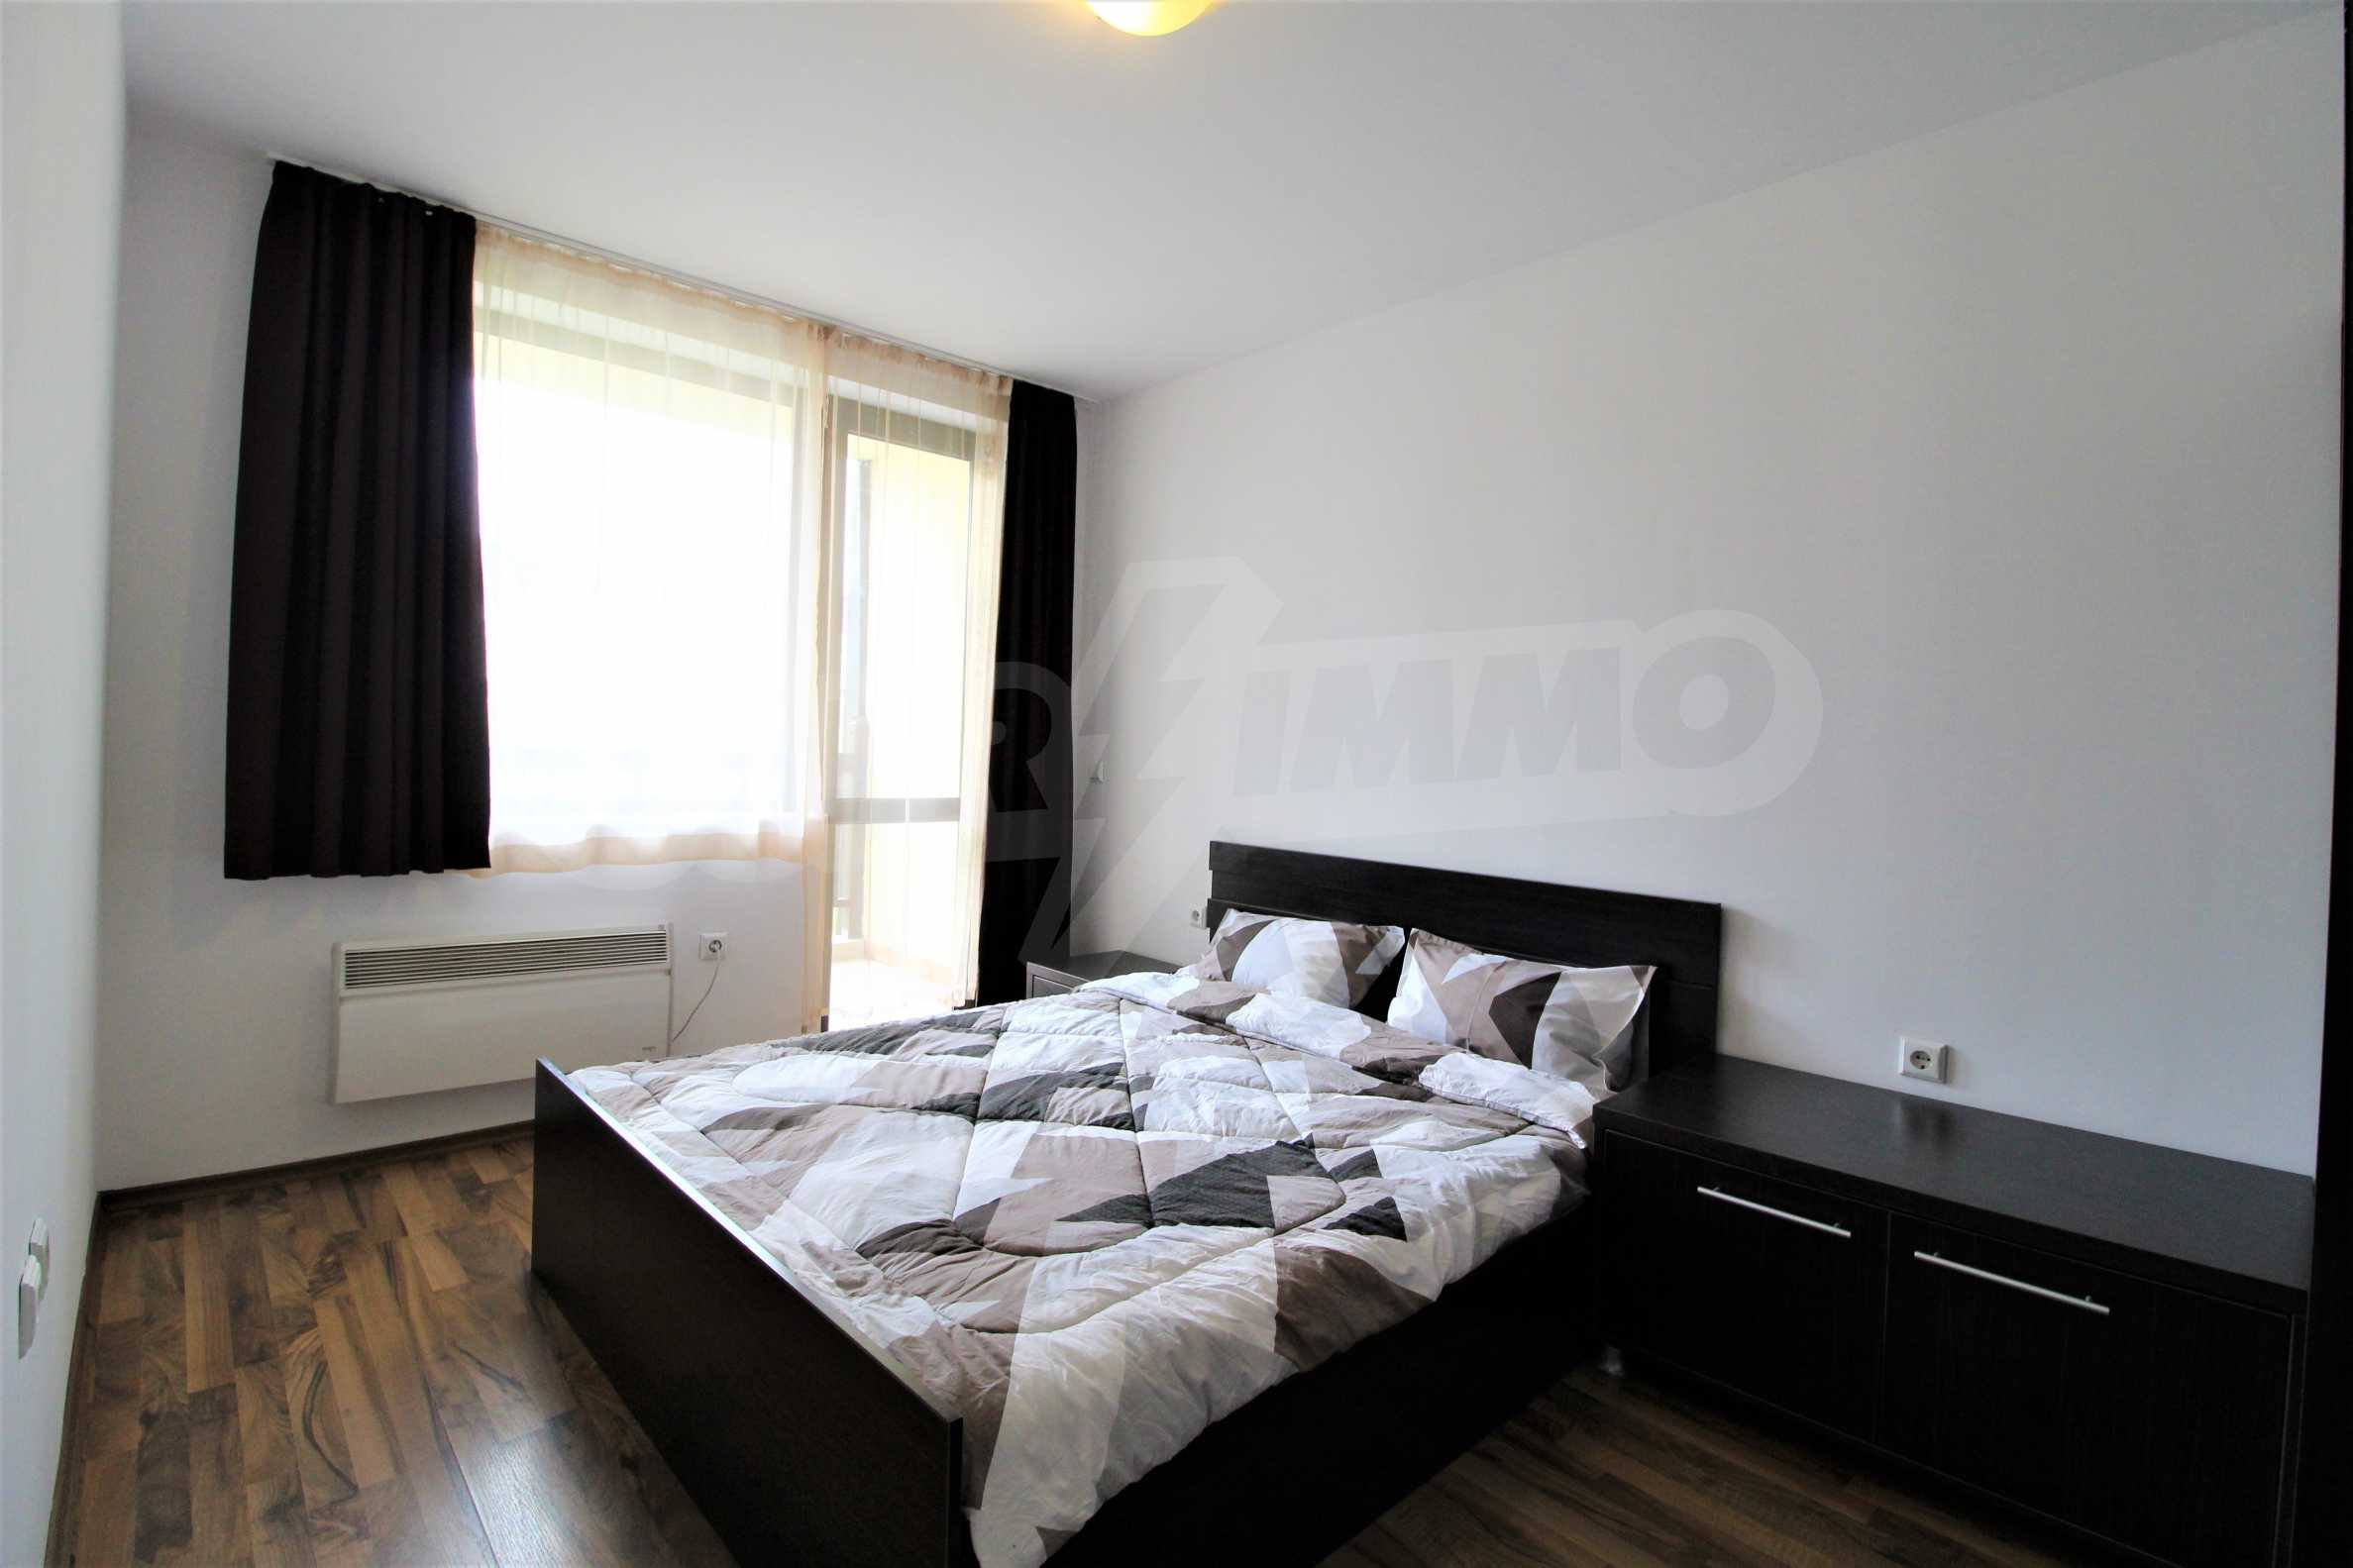 Обзаведен двустаен апартамент, разположен в СПА комплекс Мария Антоанета, само на метри от ски лифта в Банско 12